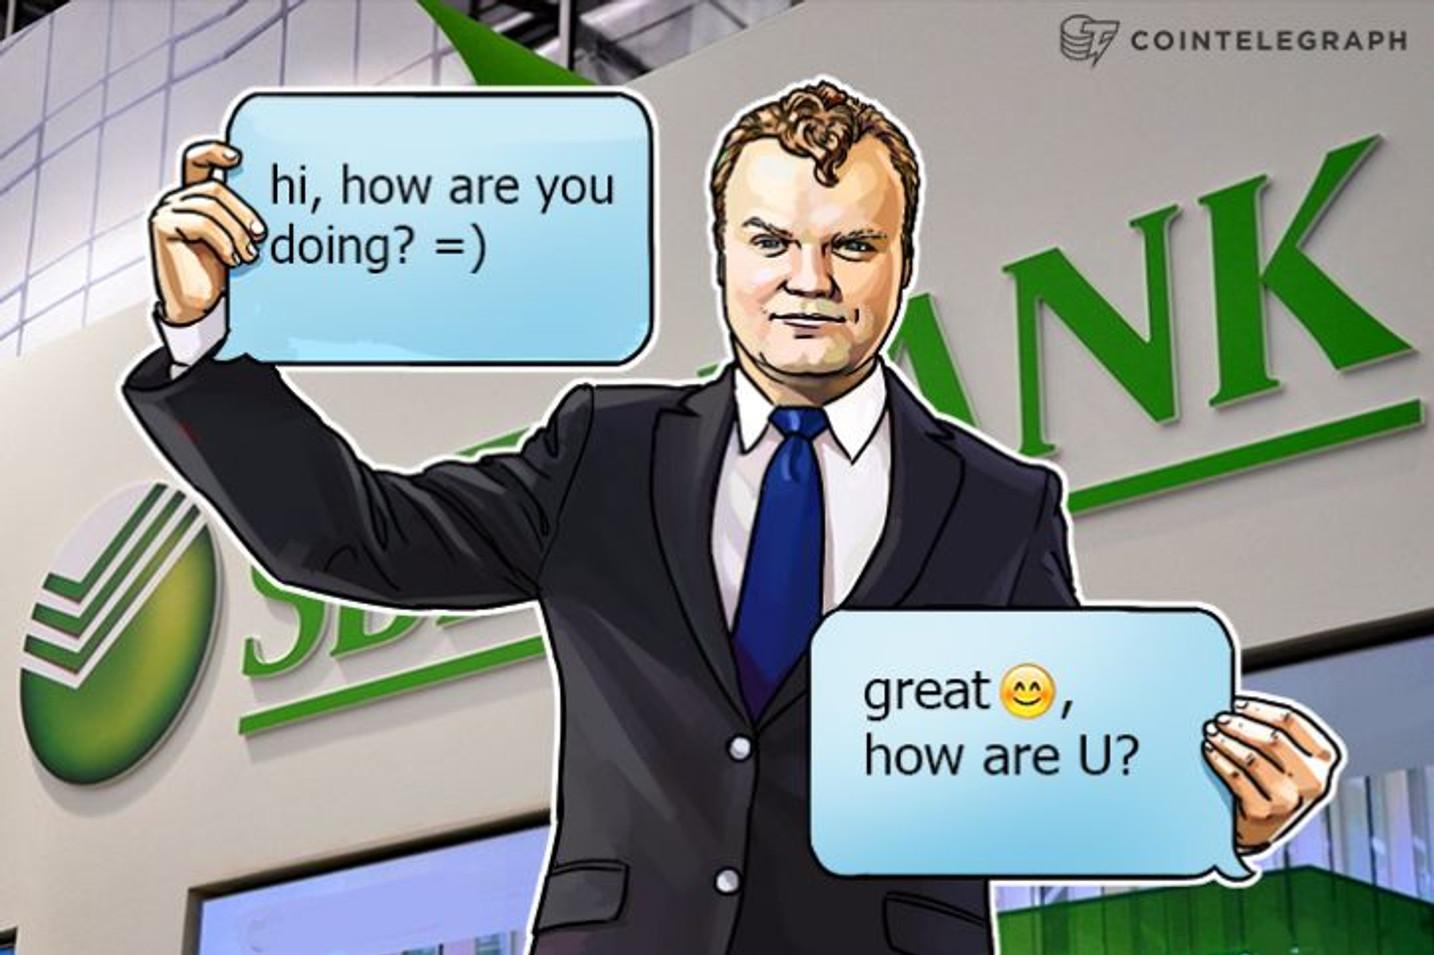 ロシア最大の銀行がブロックチェーンを採用―対話型コマースを取り入れたアプリケーションを開発